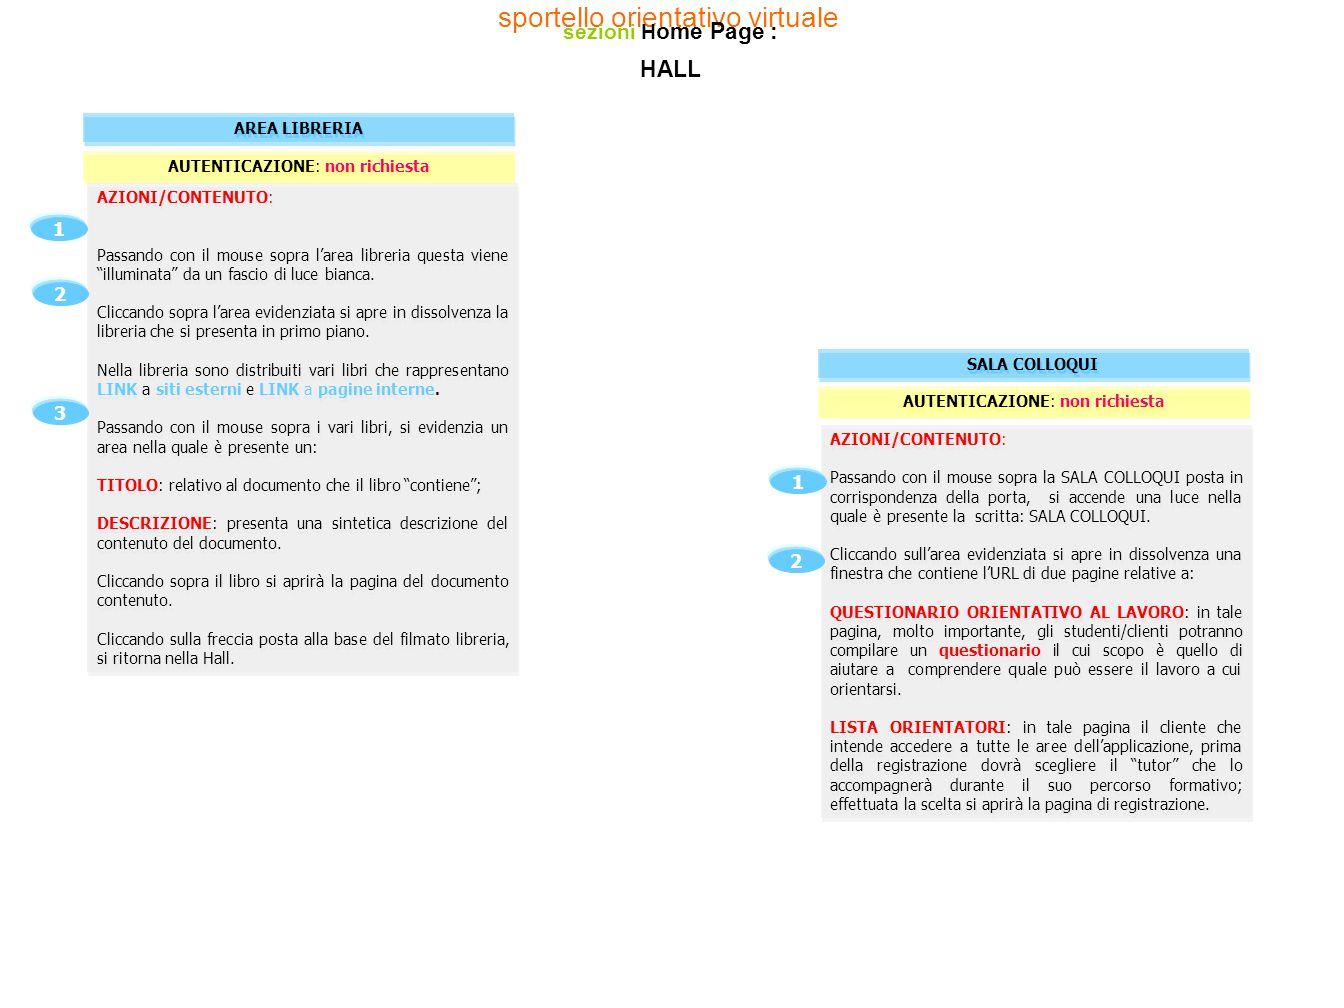 sportello orientativo virtuale sezioni: COMUNICAZIONI 6 7 10 9 8